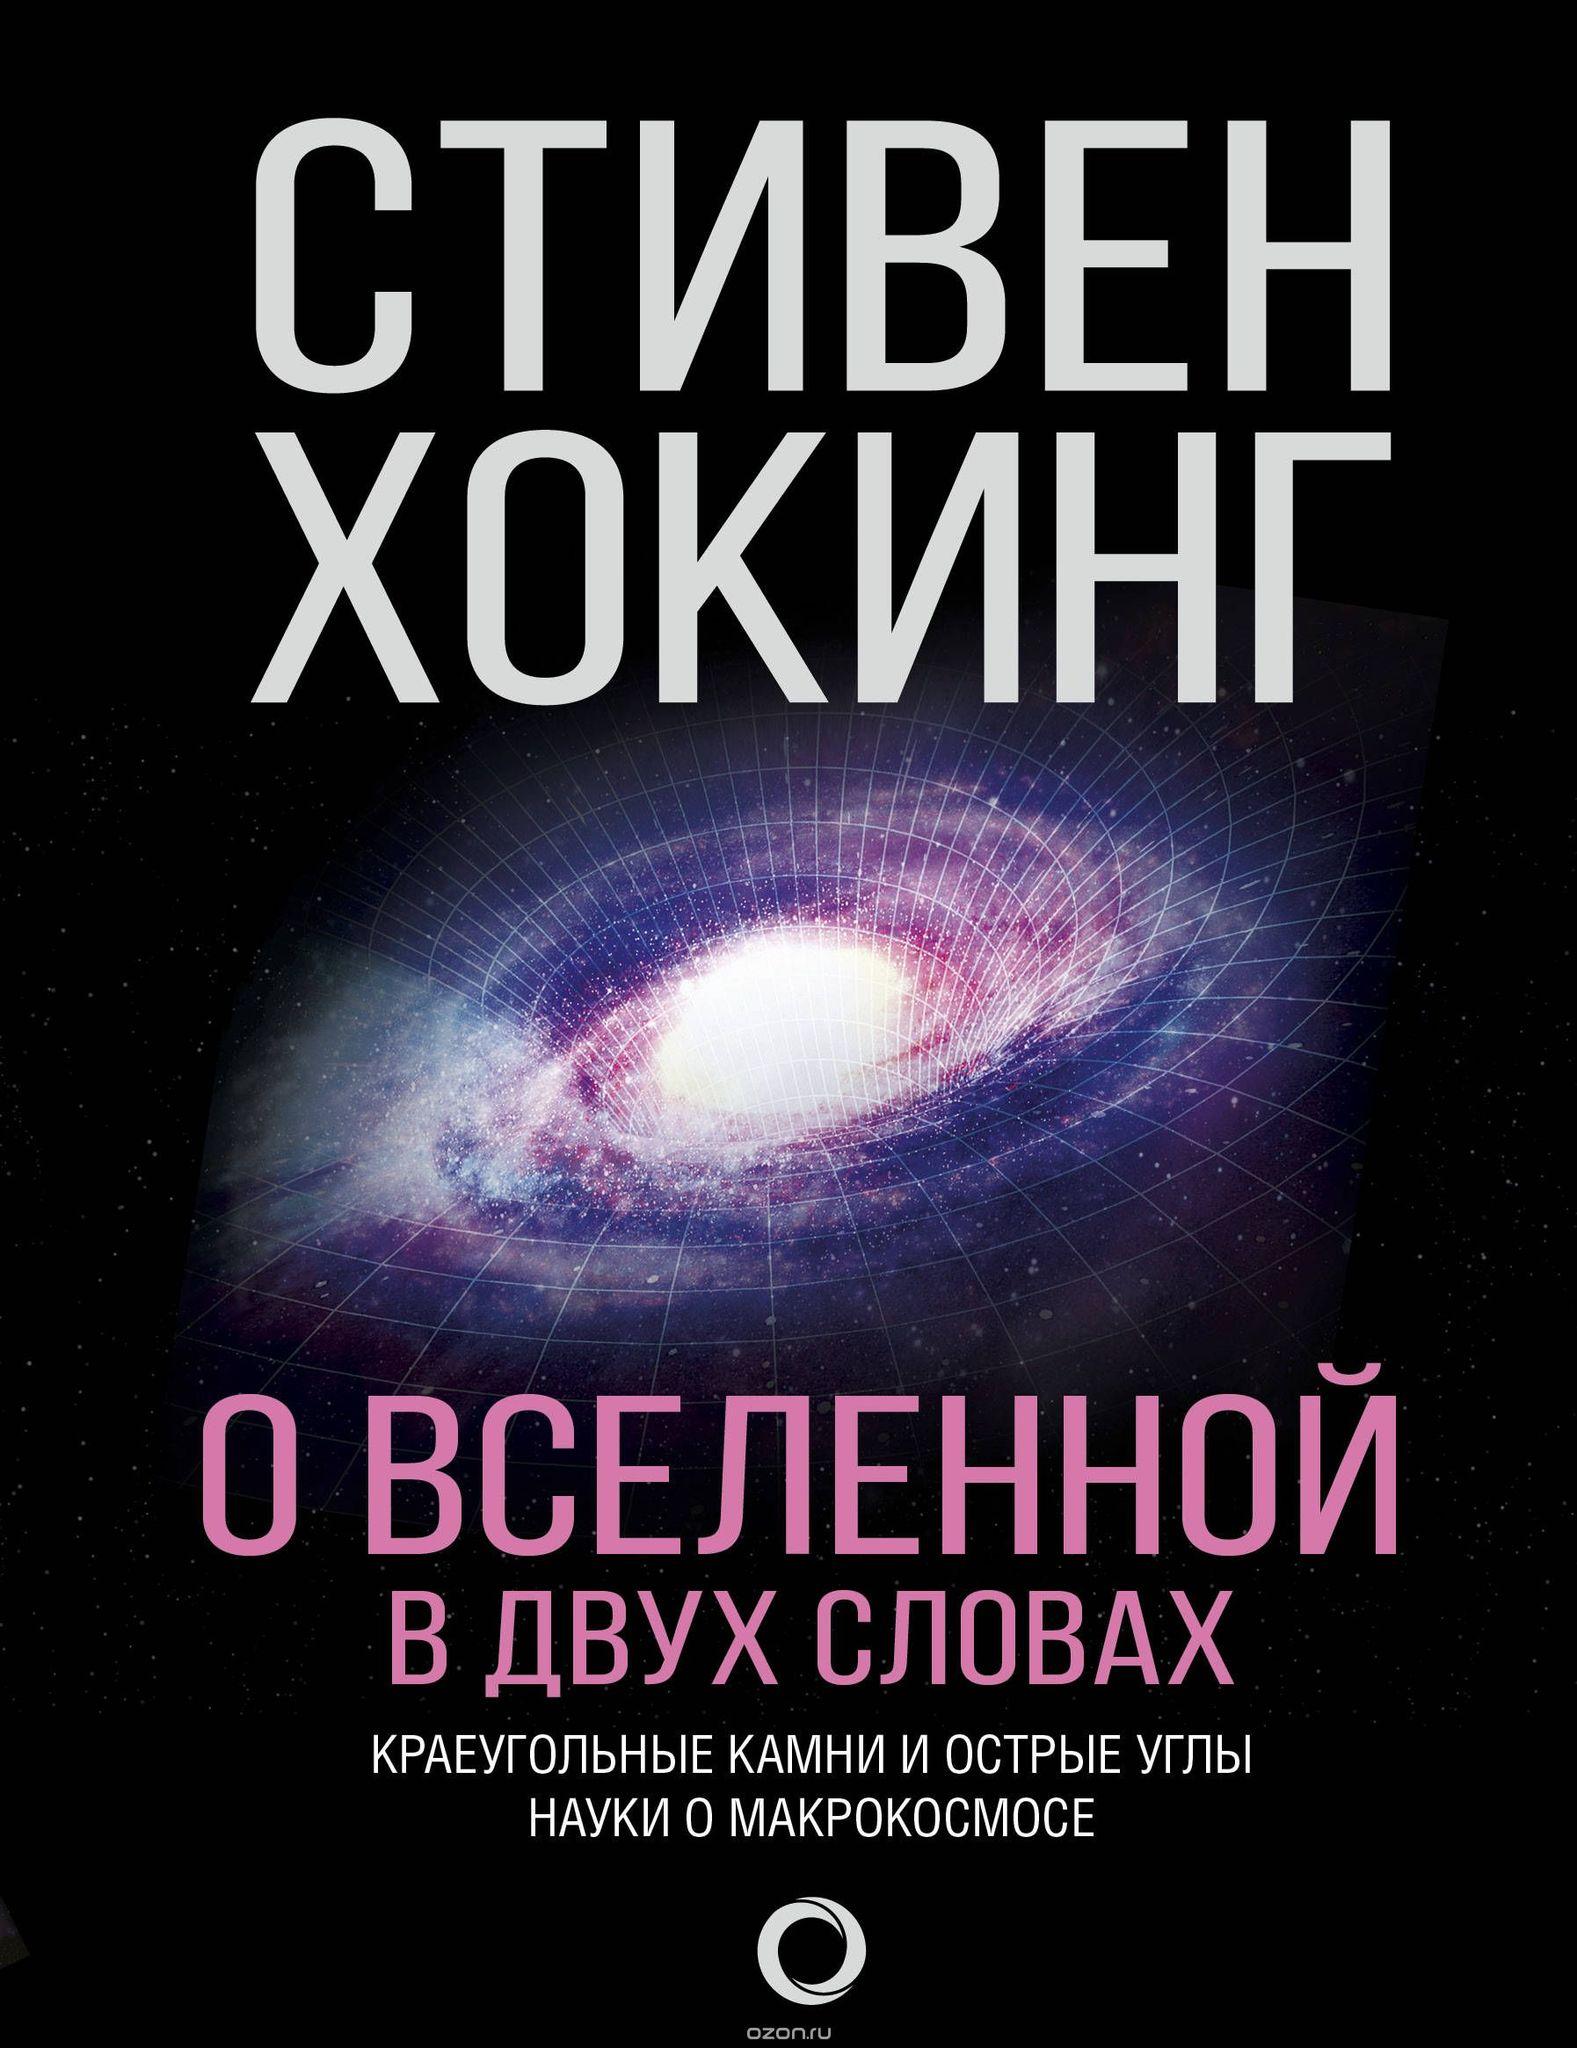 Kitab О Вселенной в двух словах | Стивен Хокинг